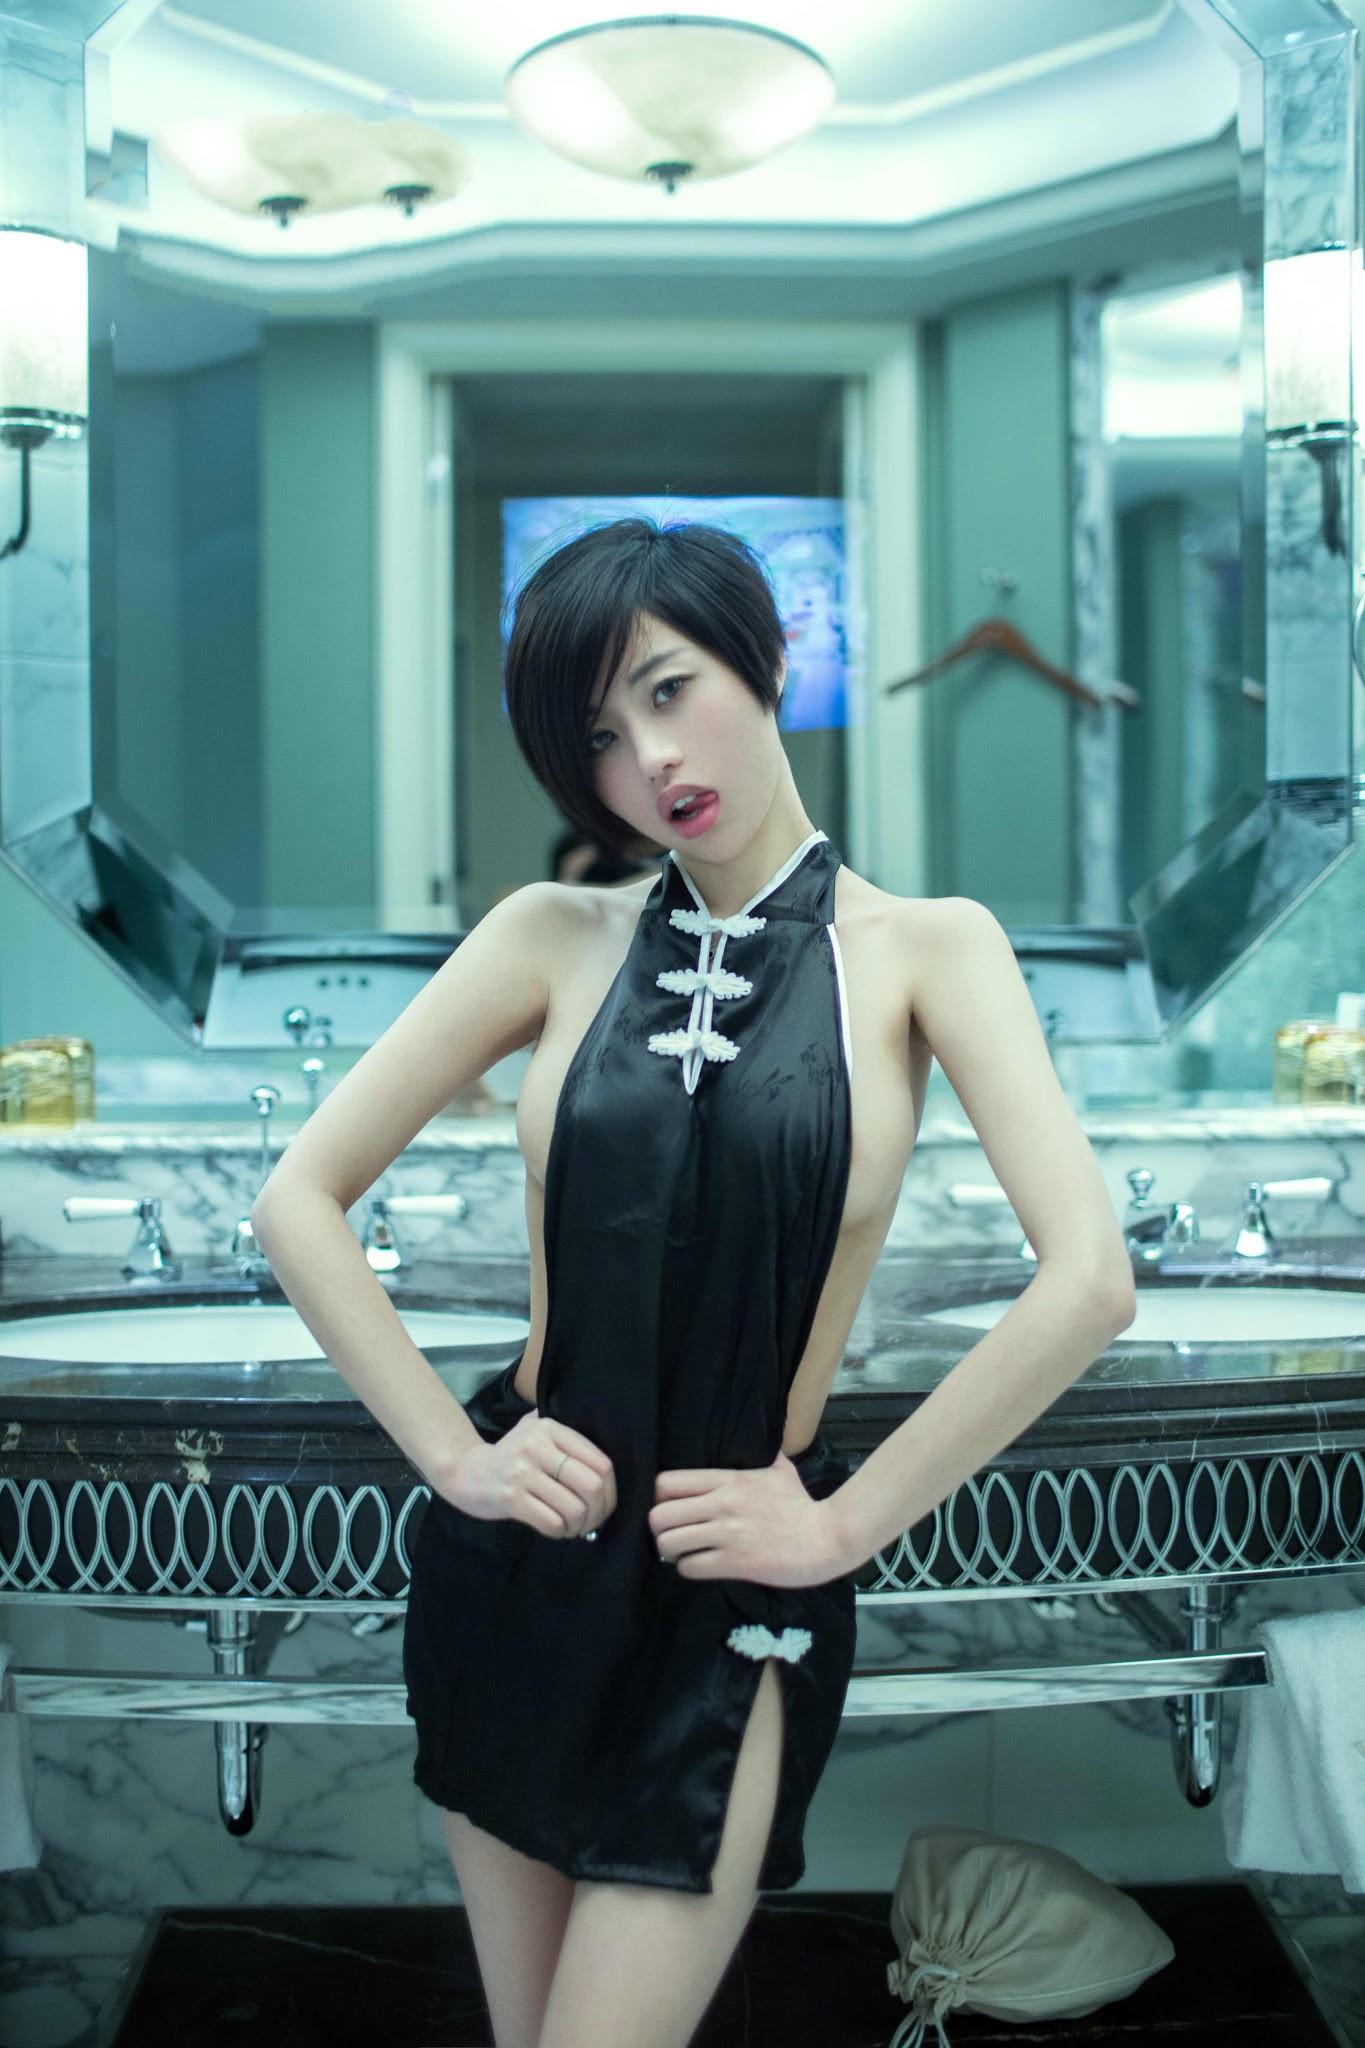 chinese unsensored woman naked